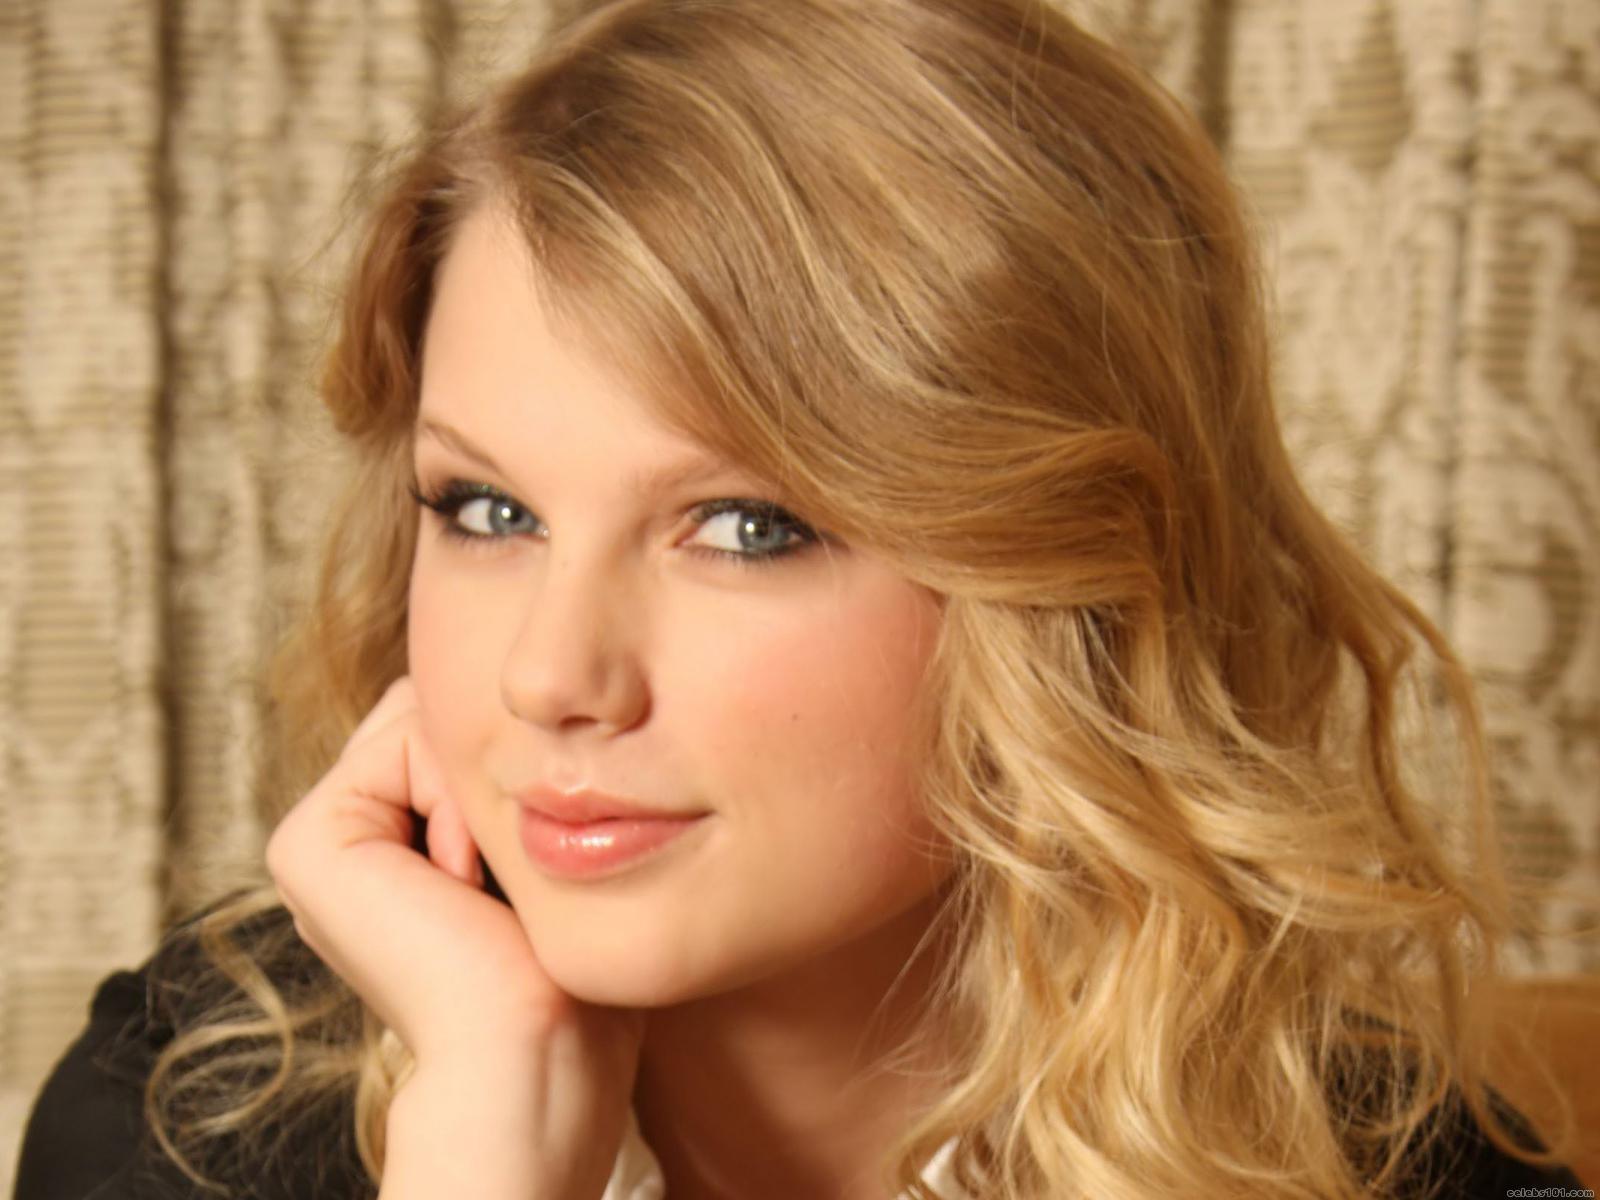 Taylor+Swift+Back+To+december+n%C3%BAcleo+blog+alucinados.jpg